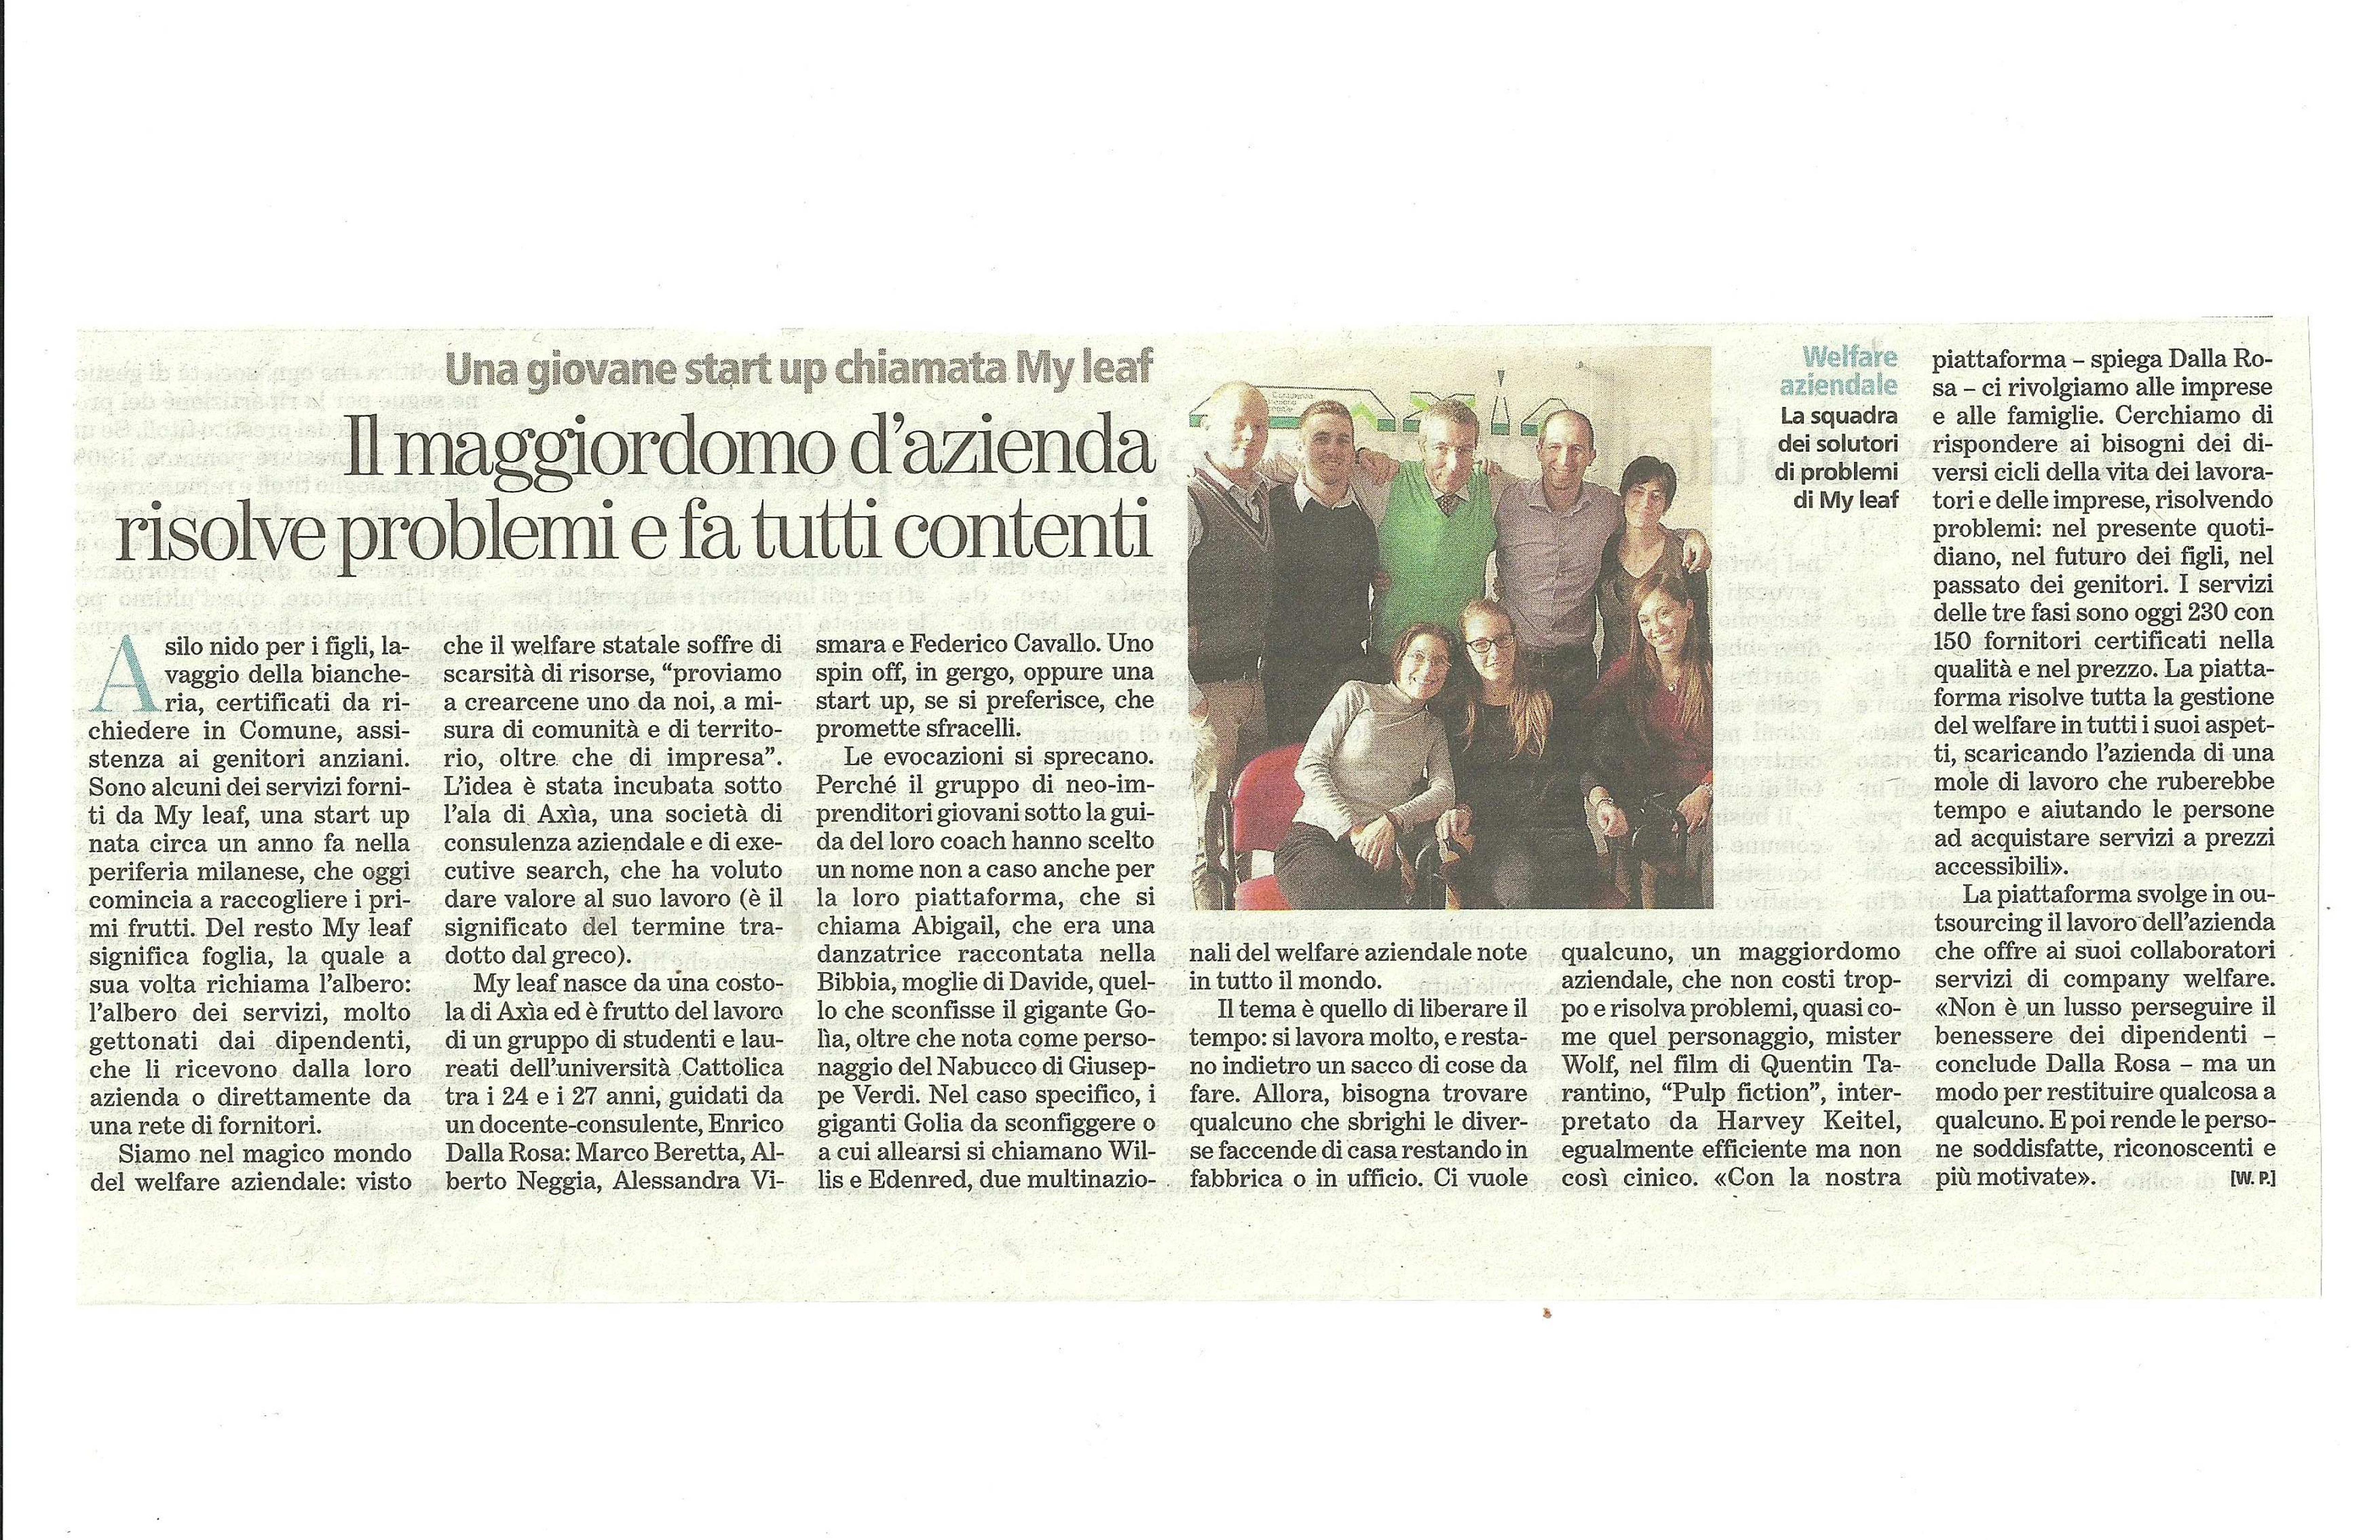 2013 02 25 La Stampa Articolo Walter Passerini